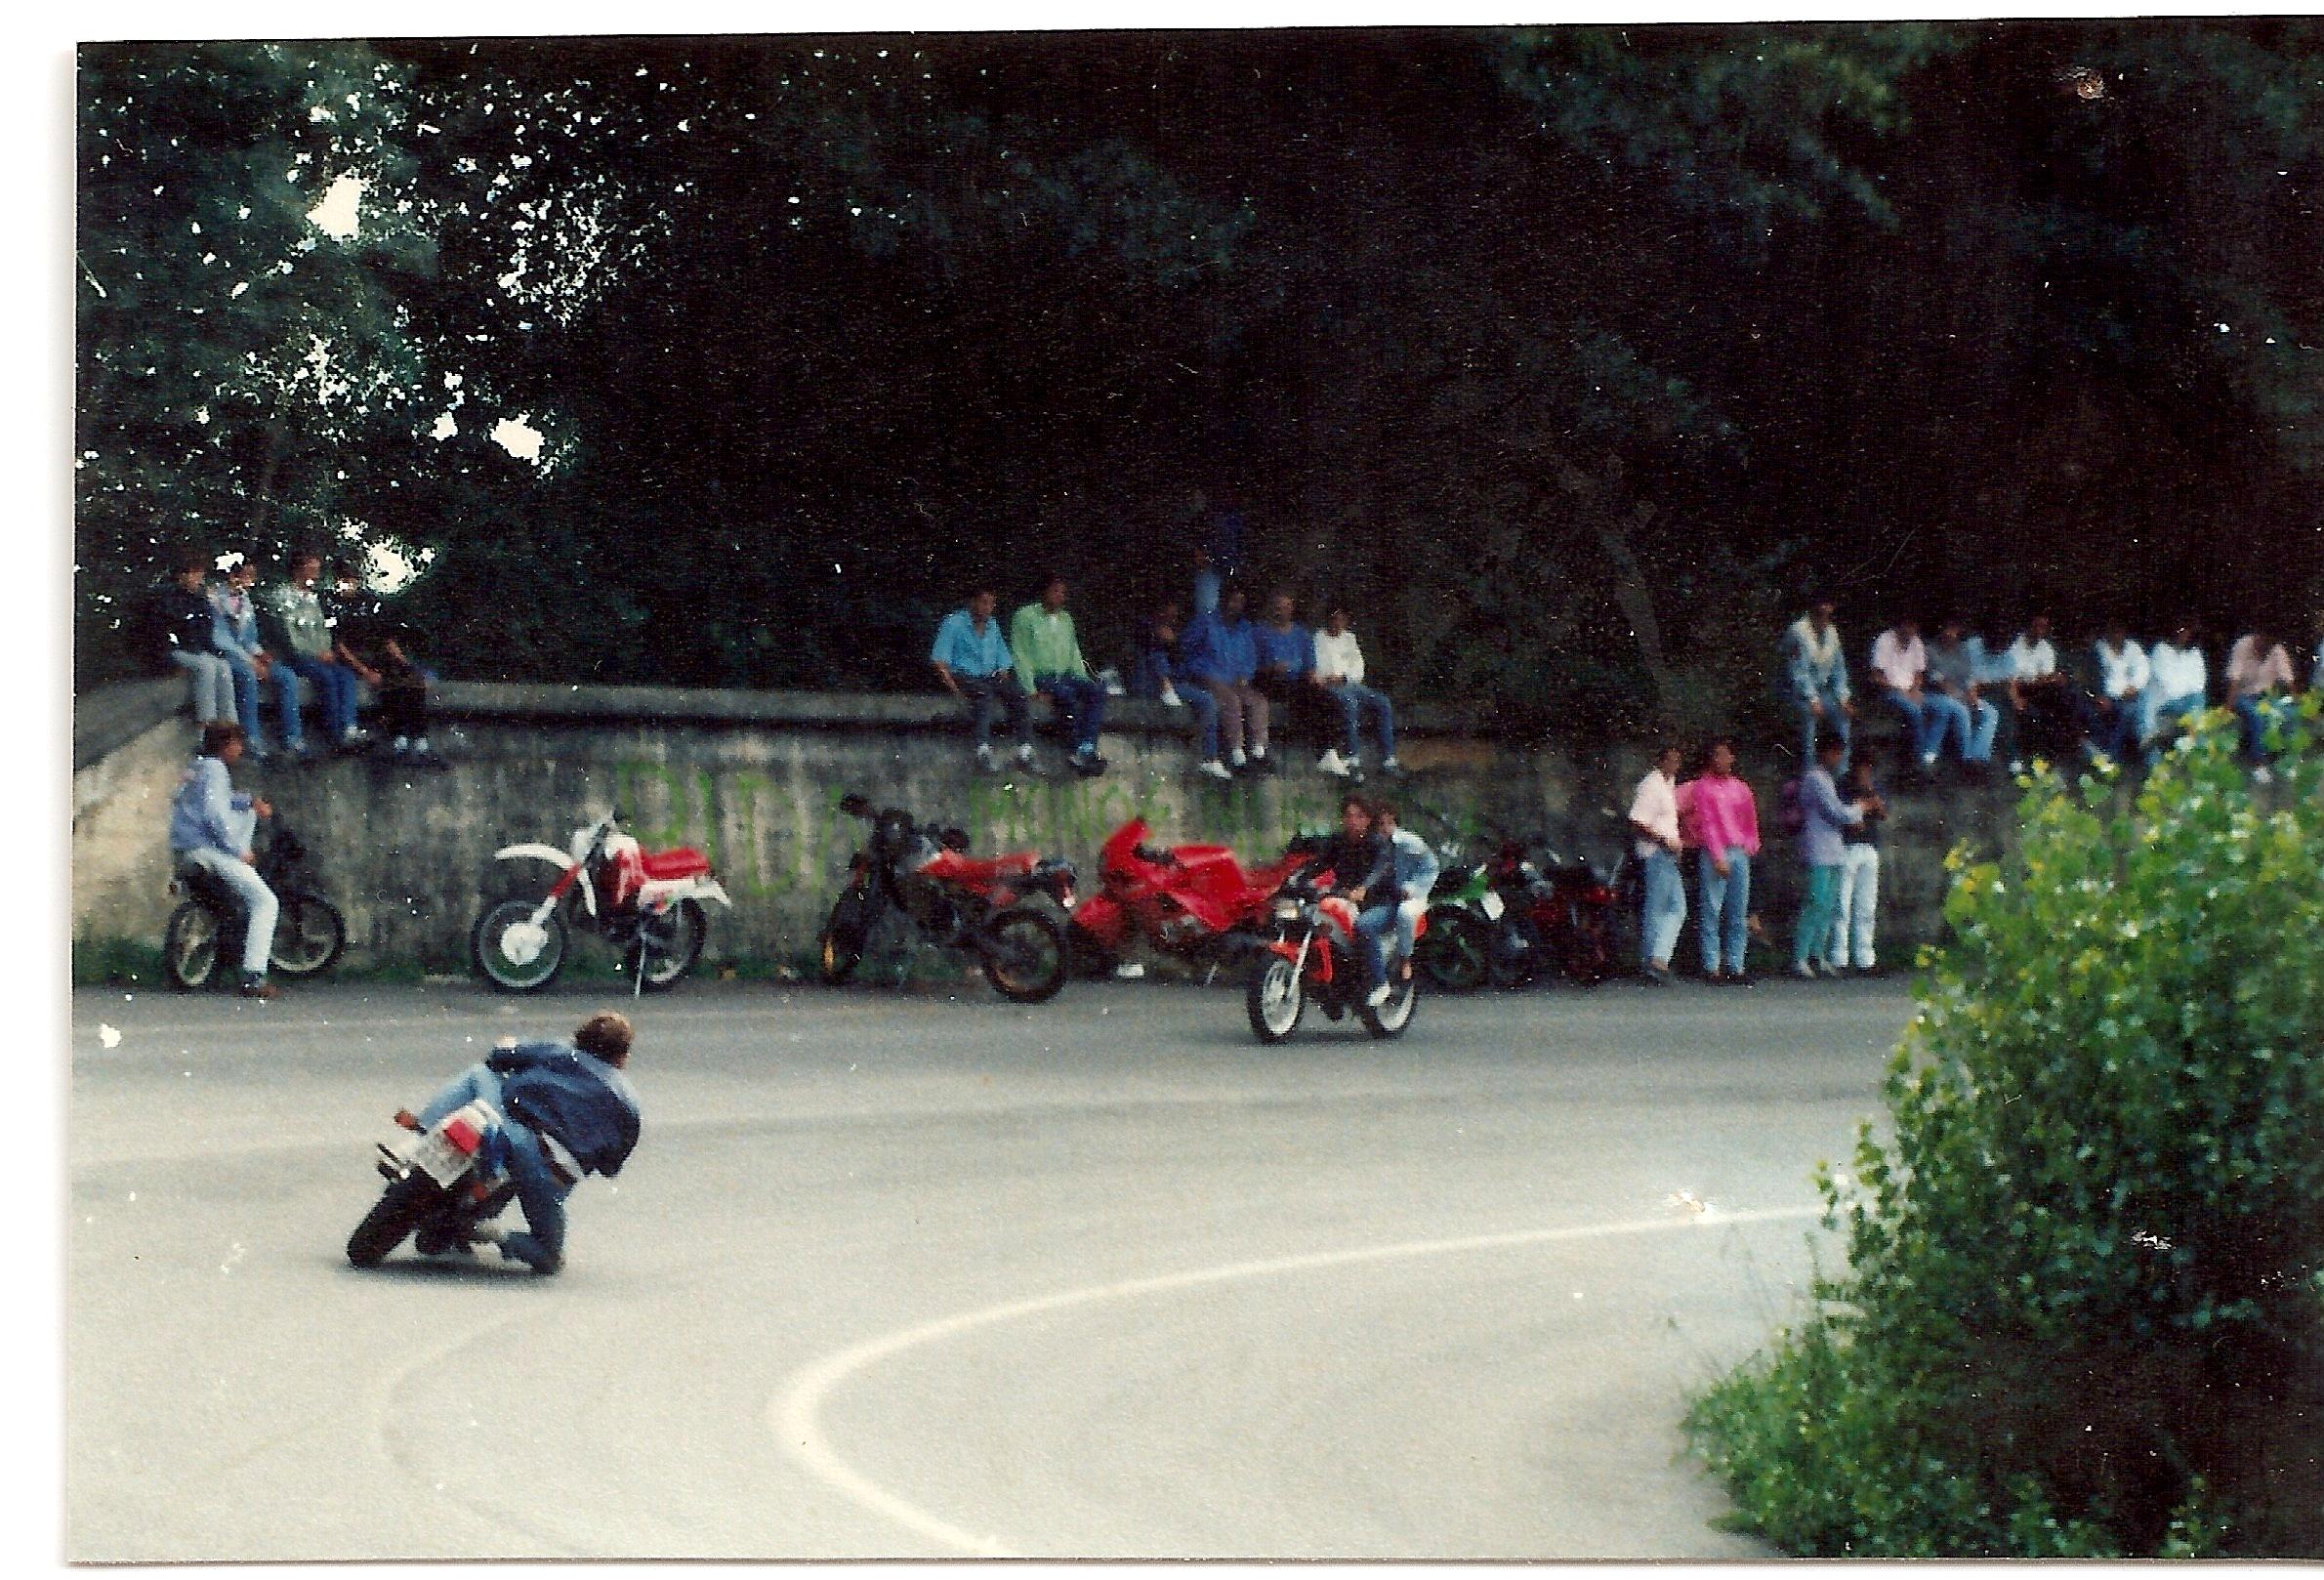 Mi MTR vuelve a las carreteras - Página 2 19871993hospitalesescan